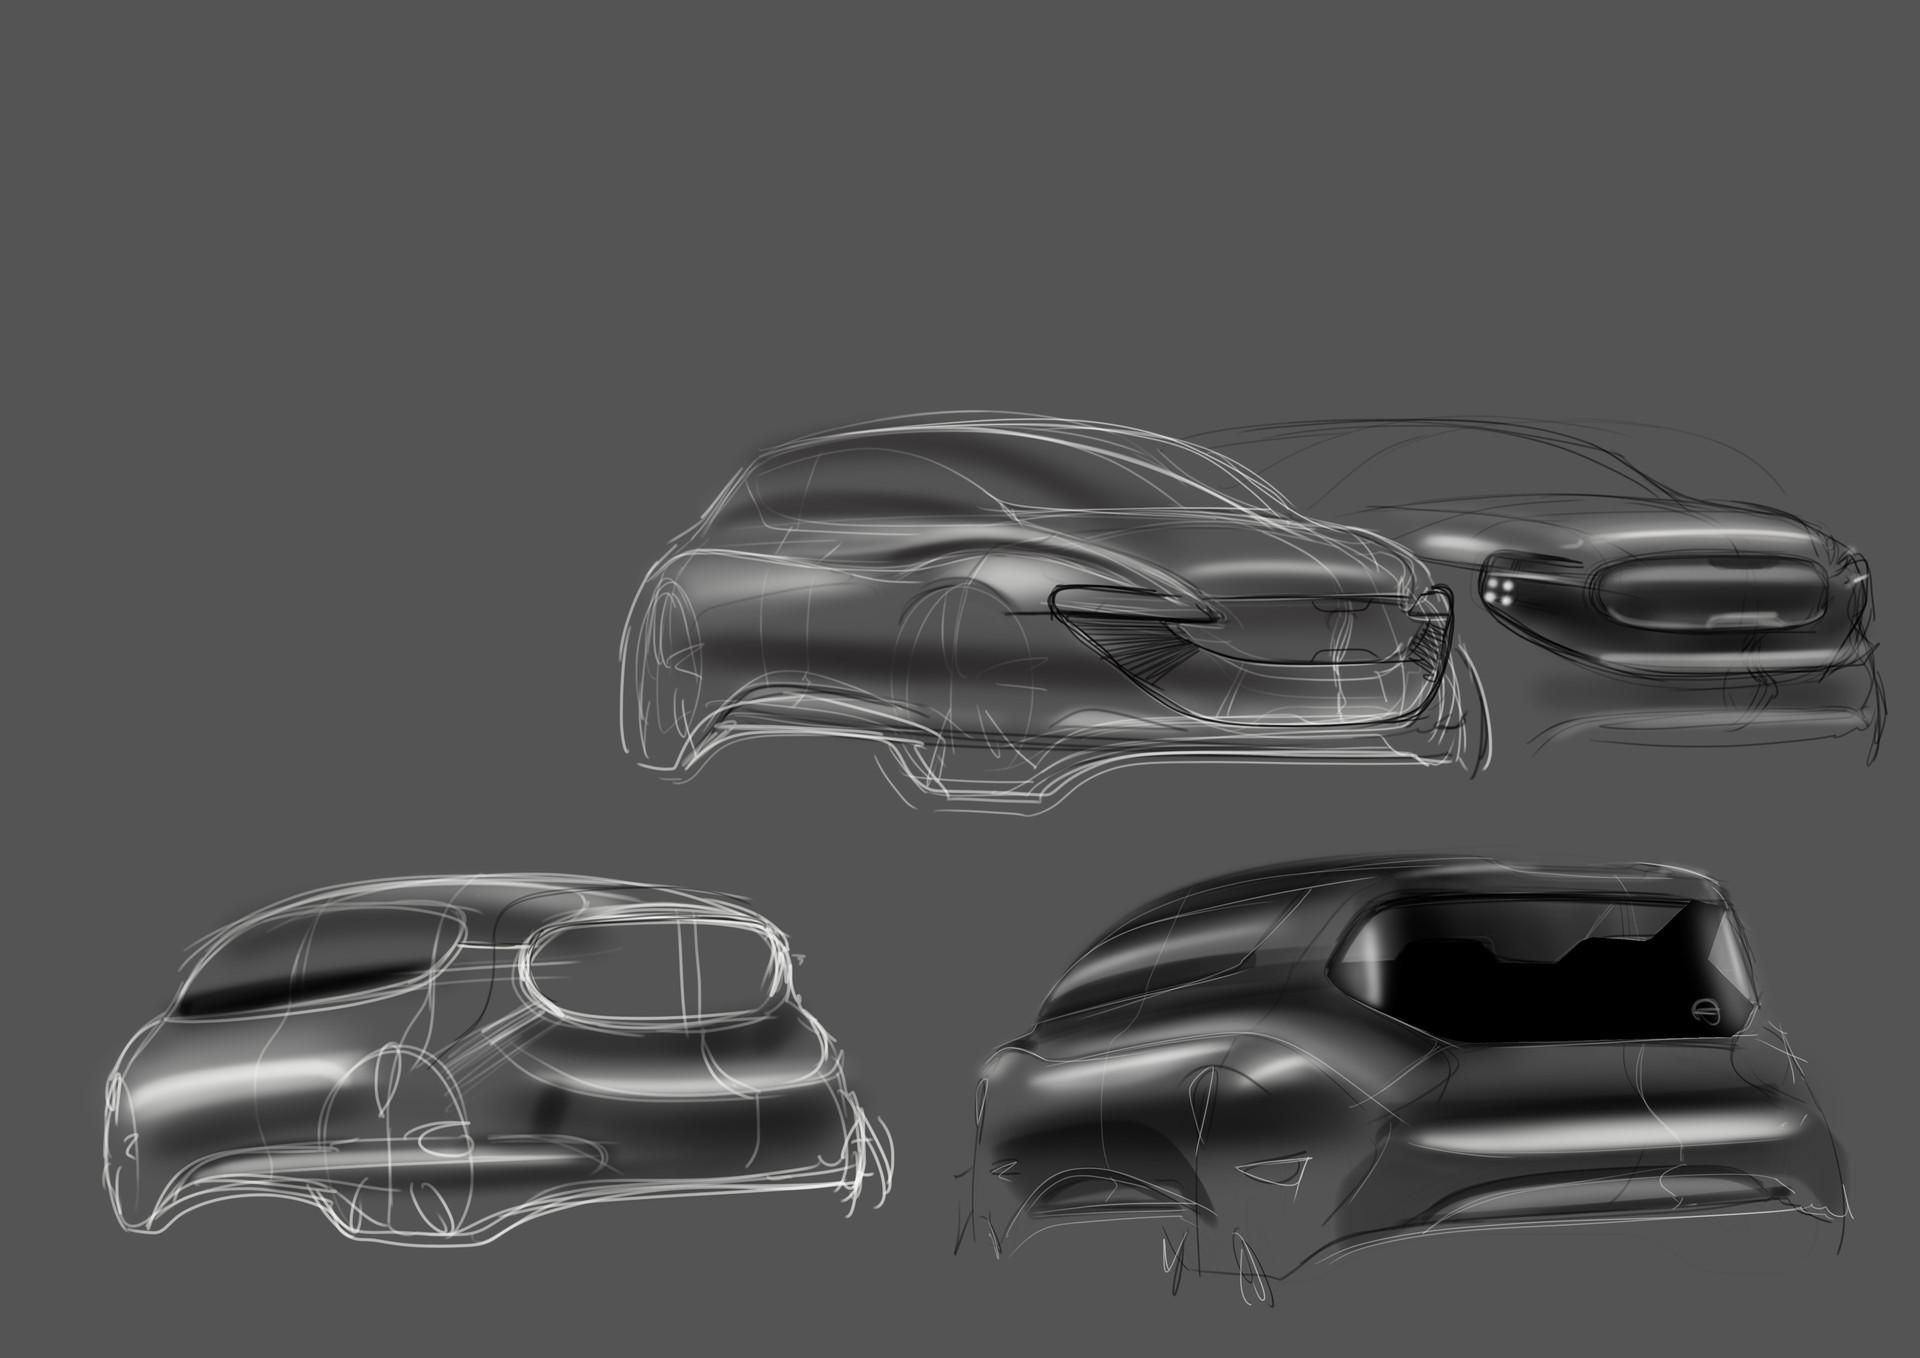 ArtStation - car sketches, Markus Zhu